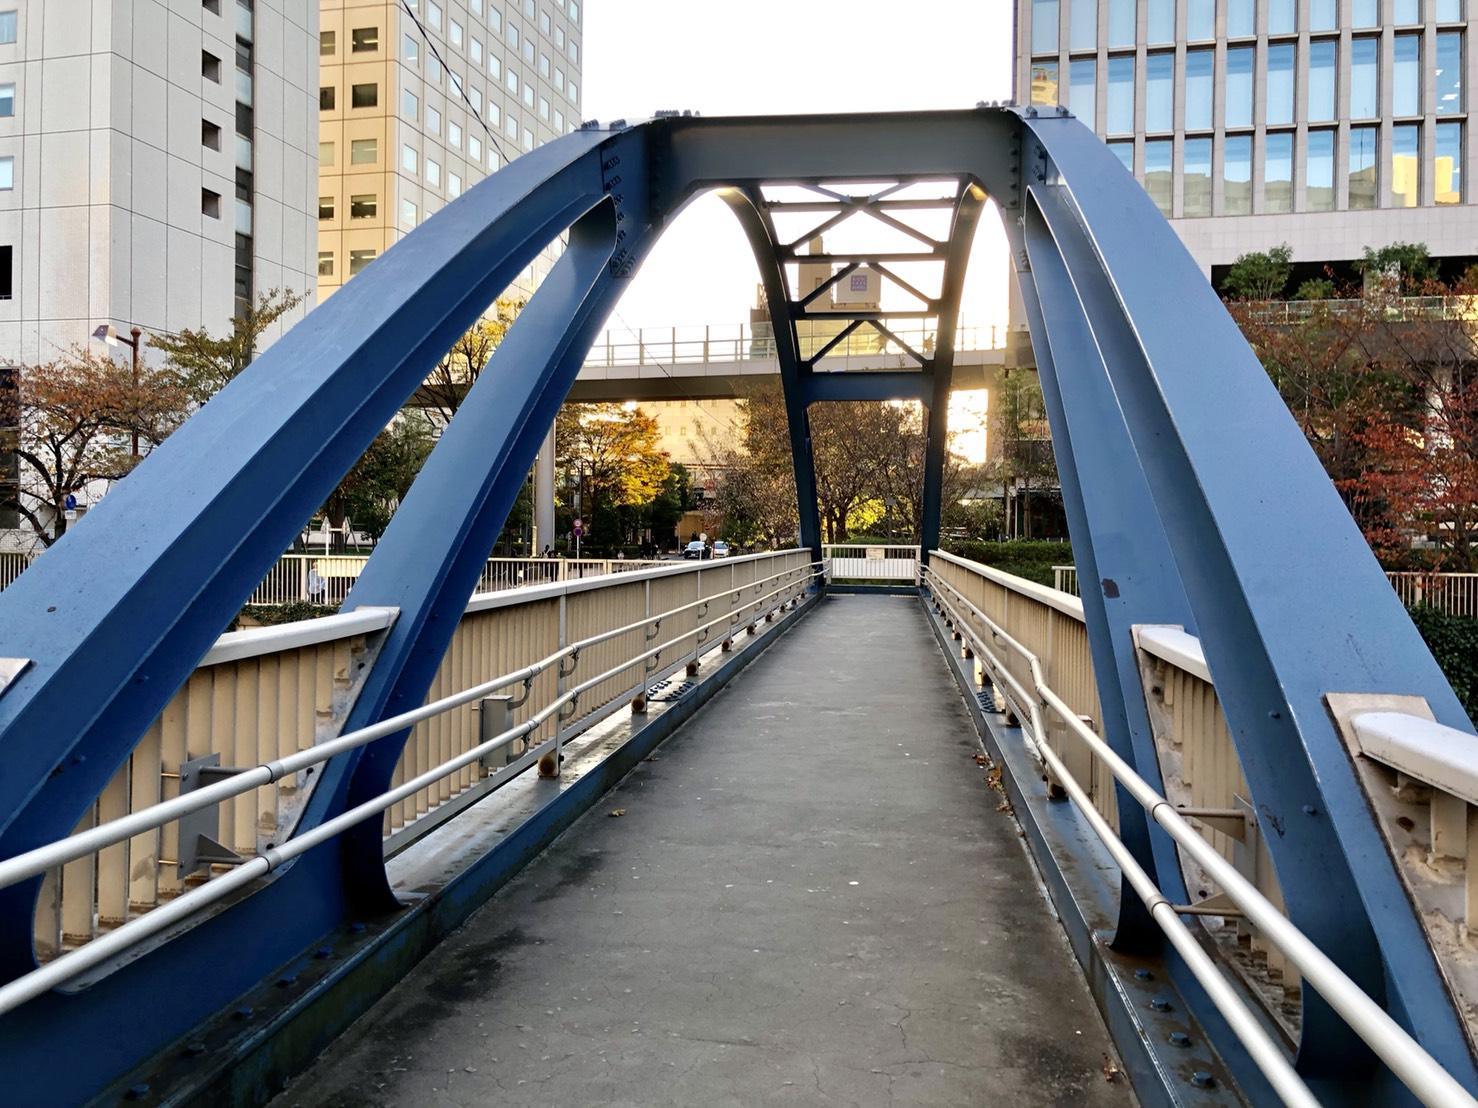 夏美先生がよく使う青い歩道橋